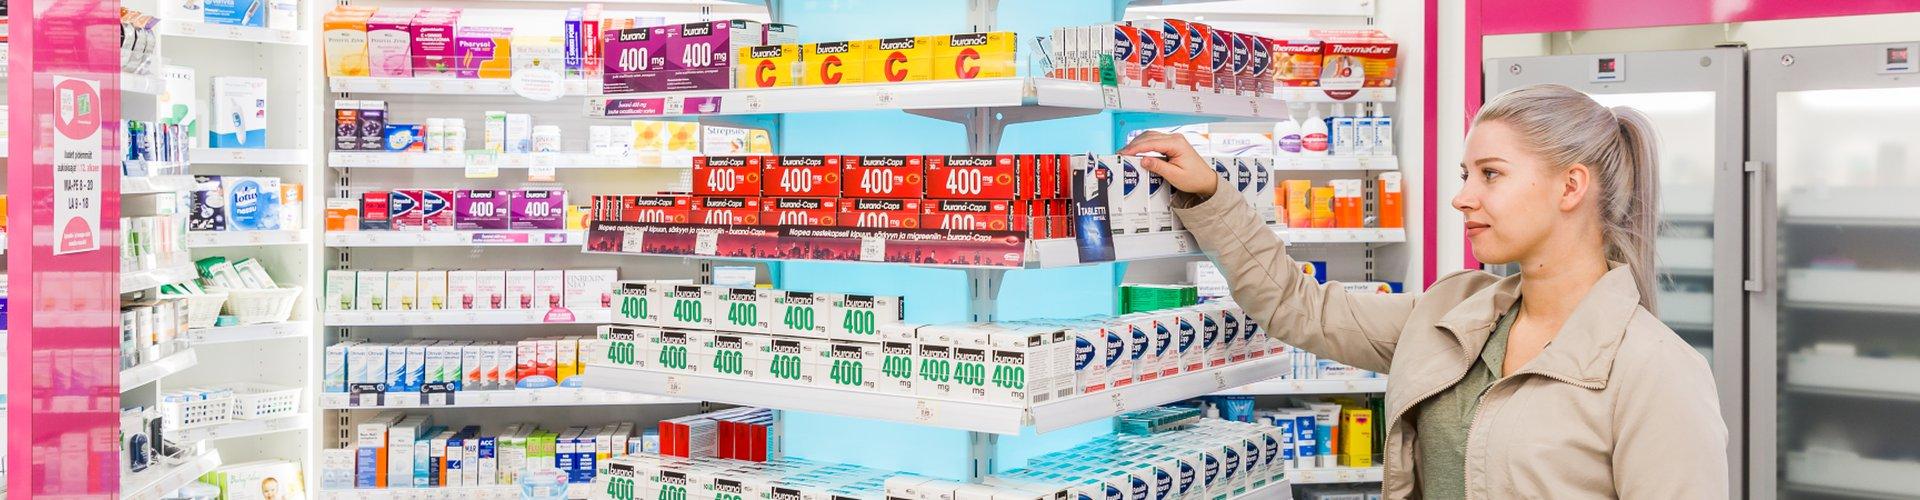 Kipulääke ja lääkkeet